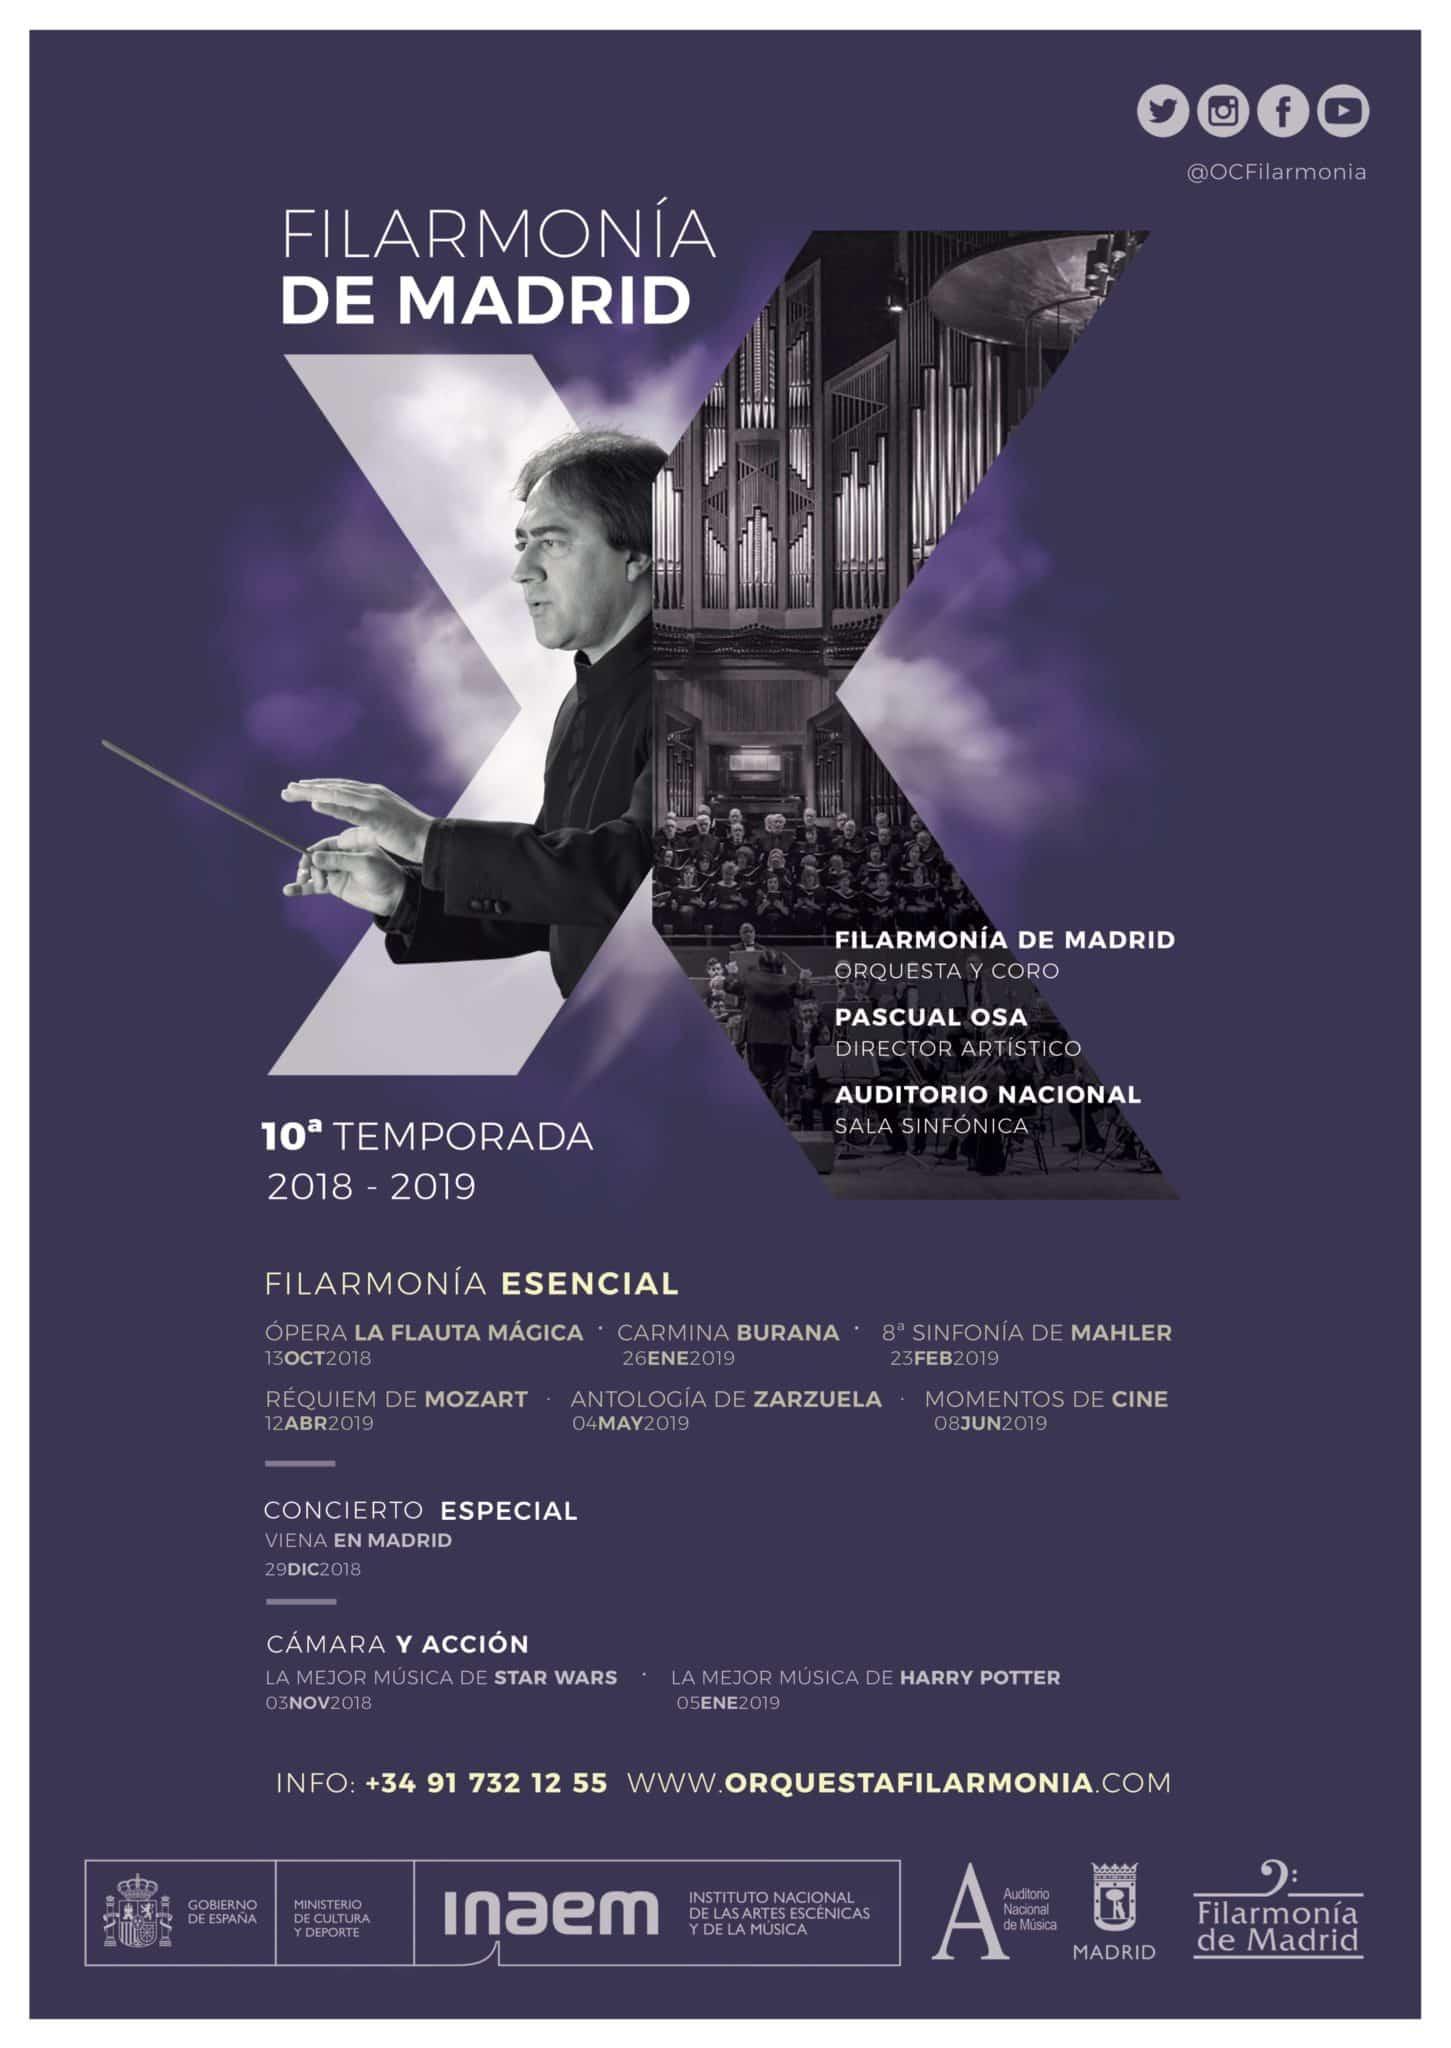 Filarmonía presenta su Temporada Aniversario en el Auditorio Nacional